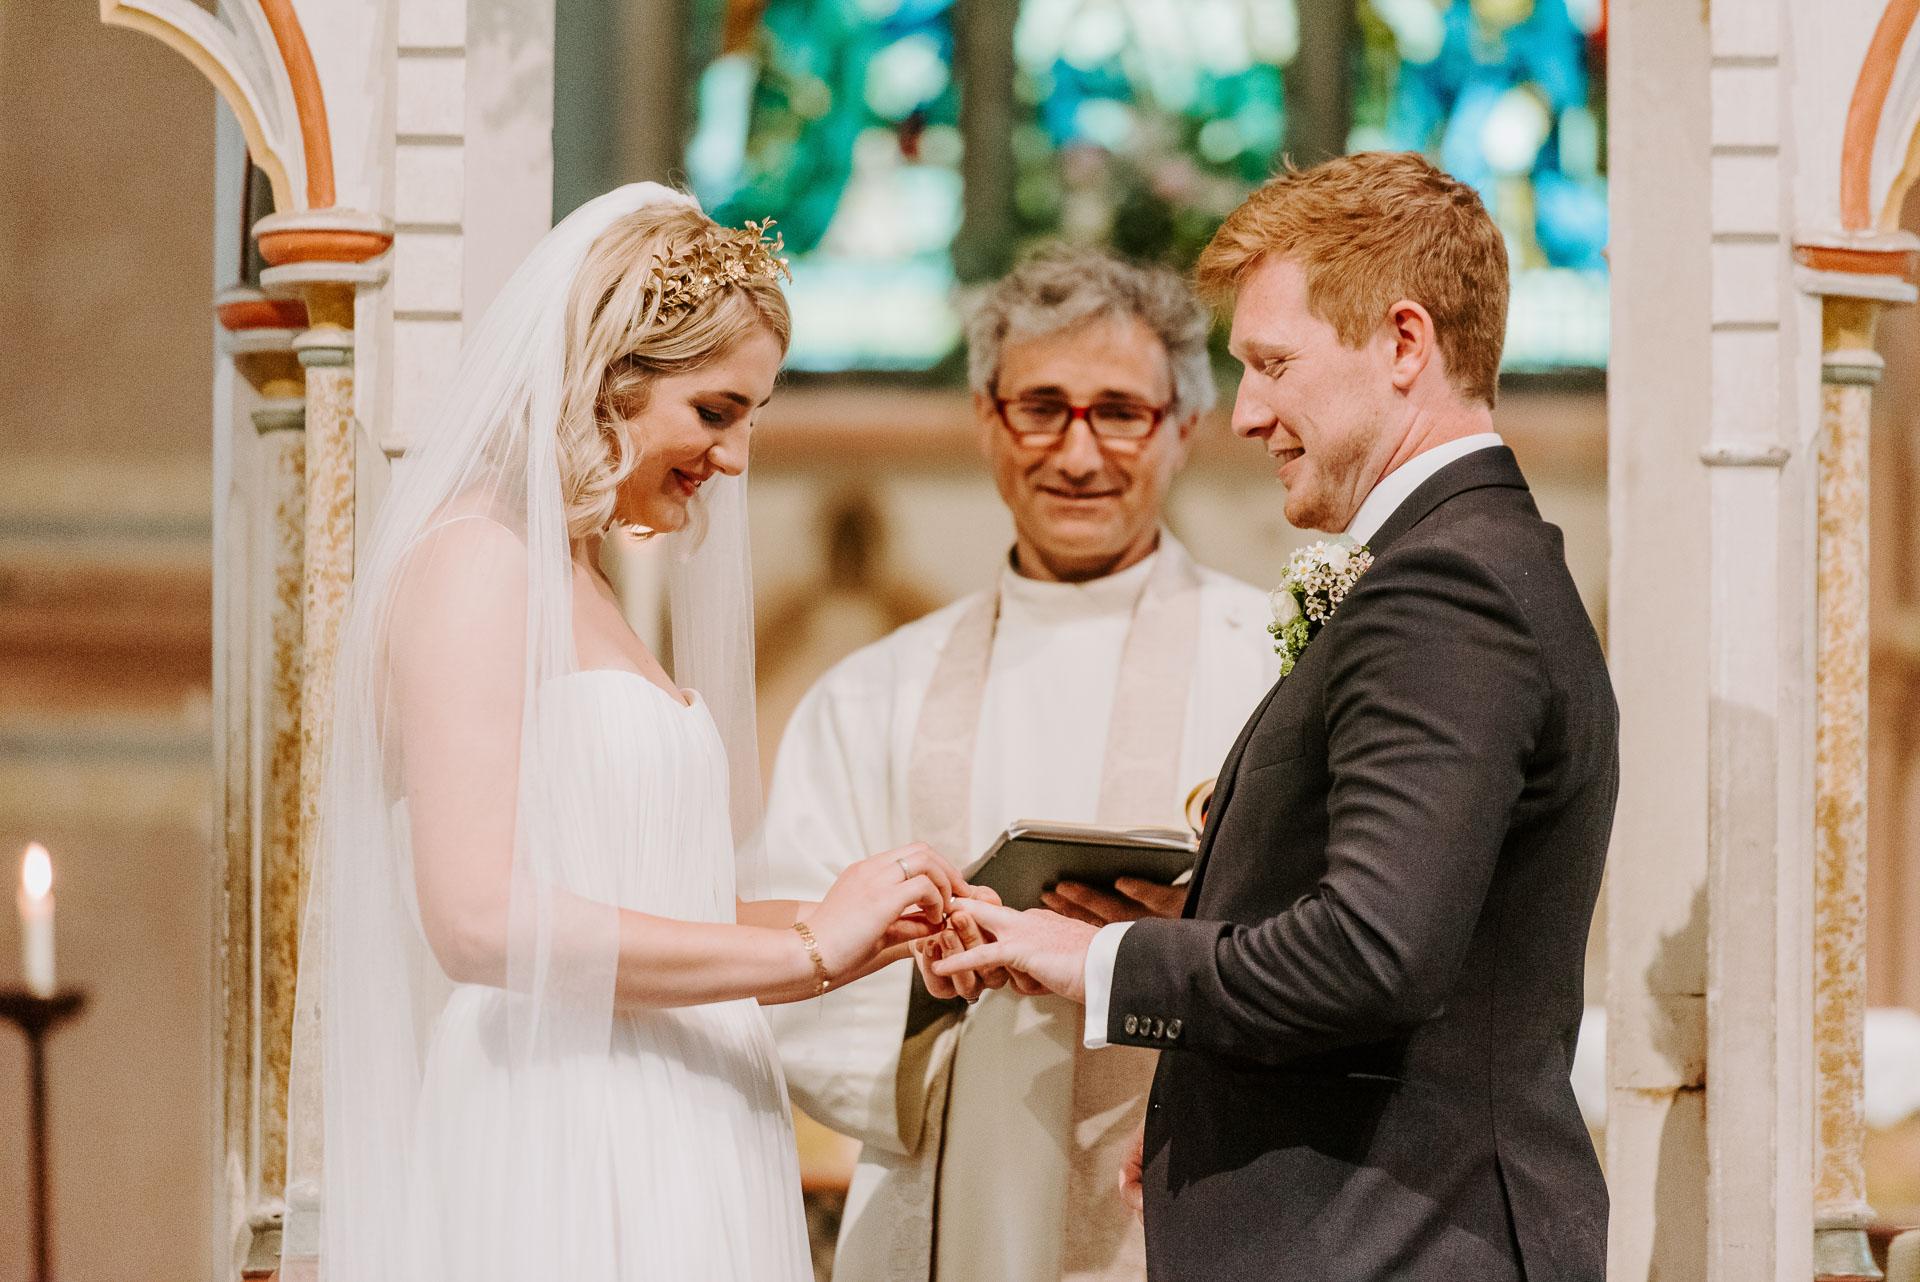 Henny_Jamie_East Sussex_Wedding_25.jpg